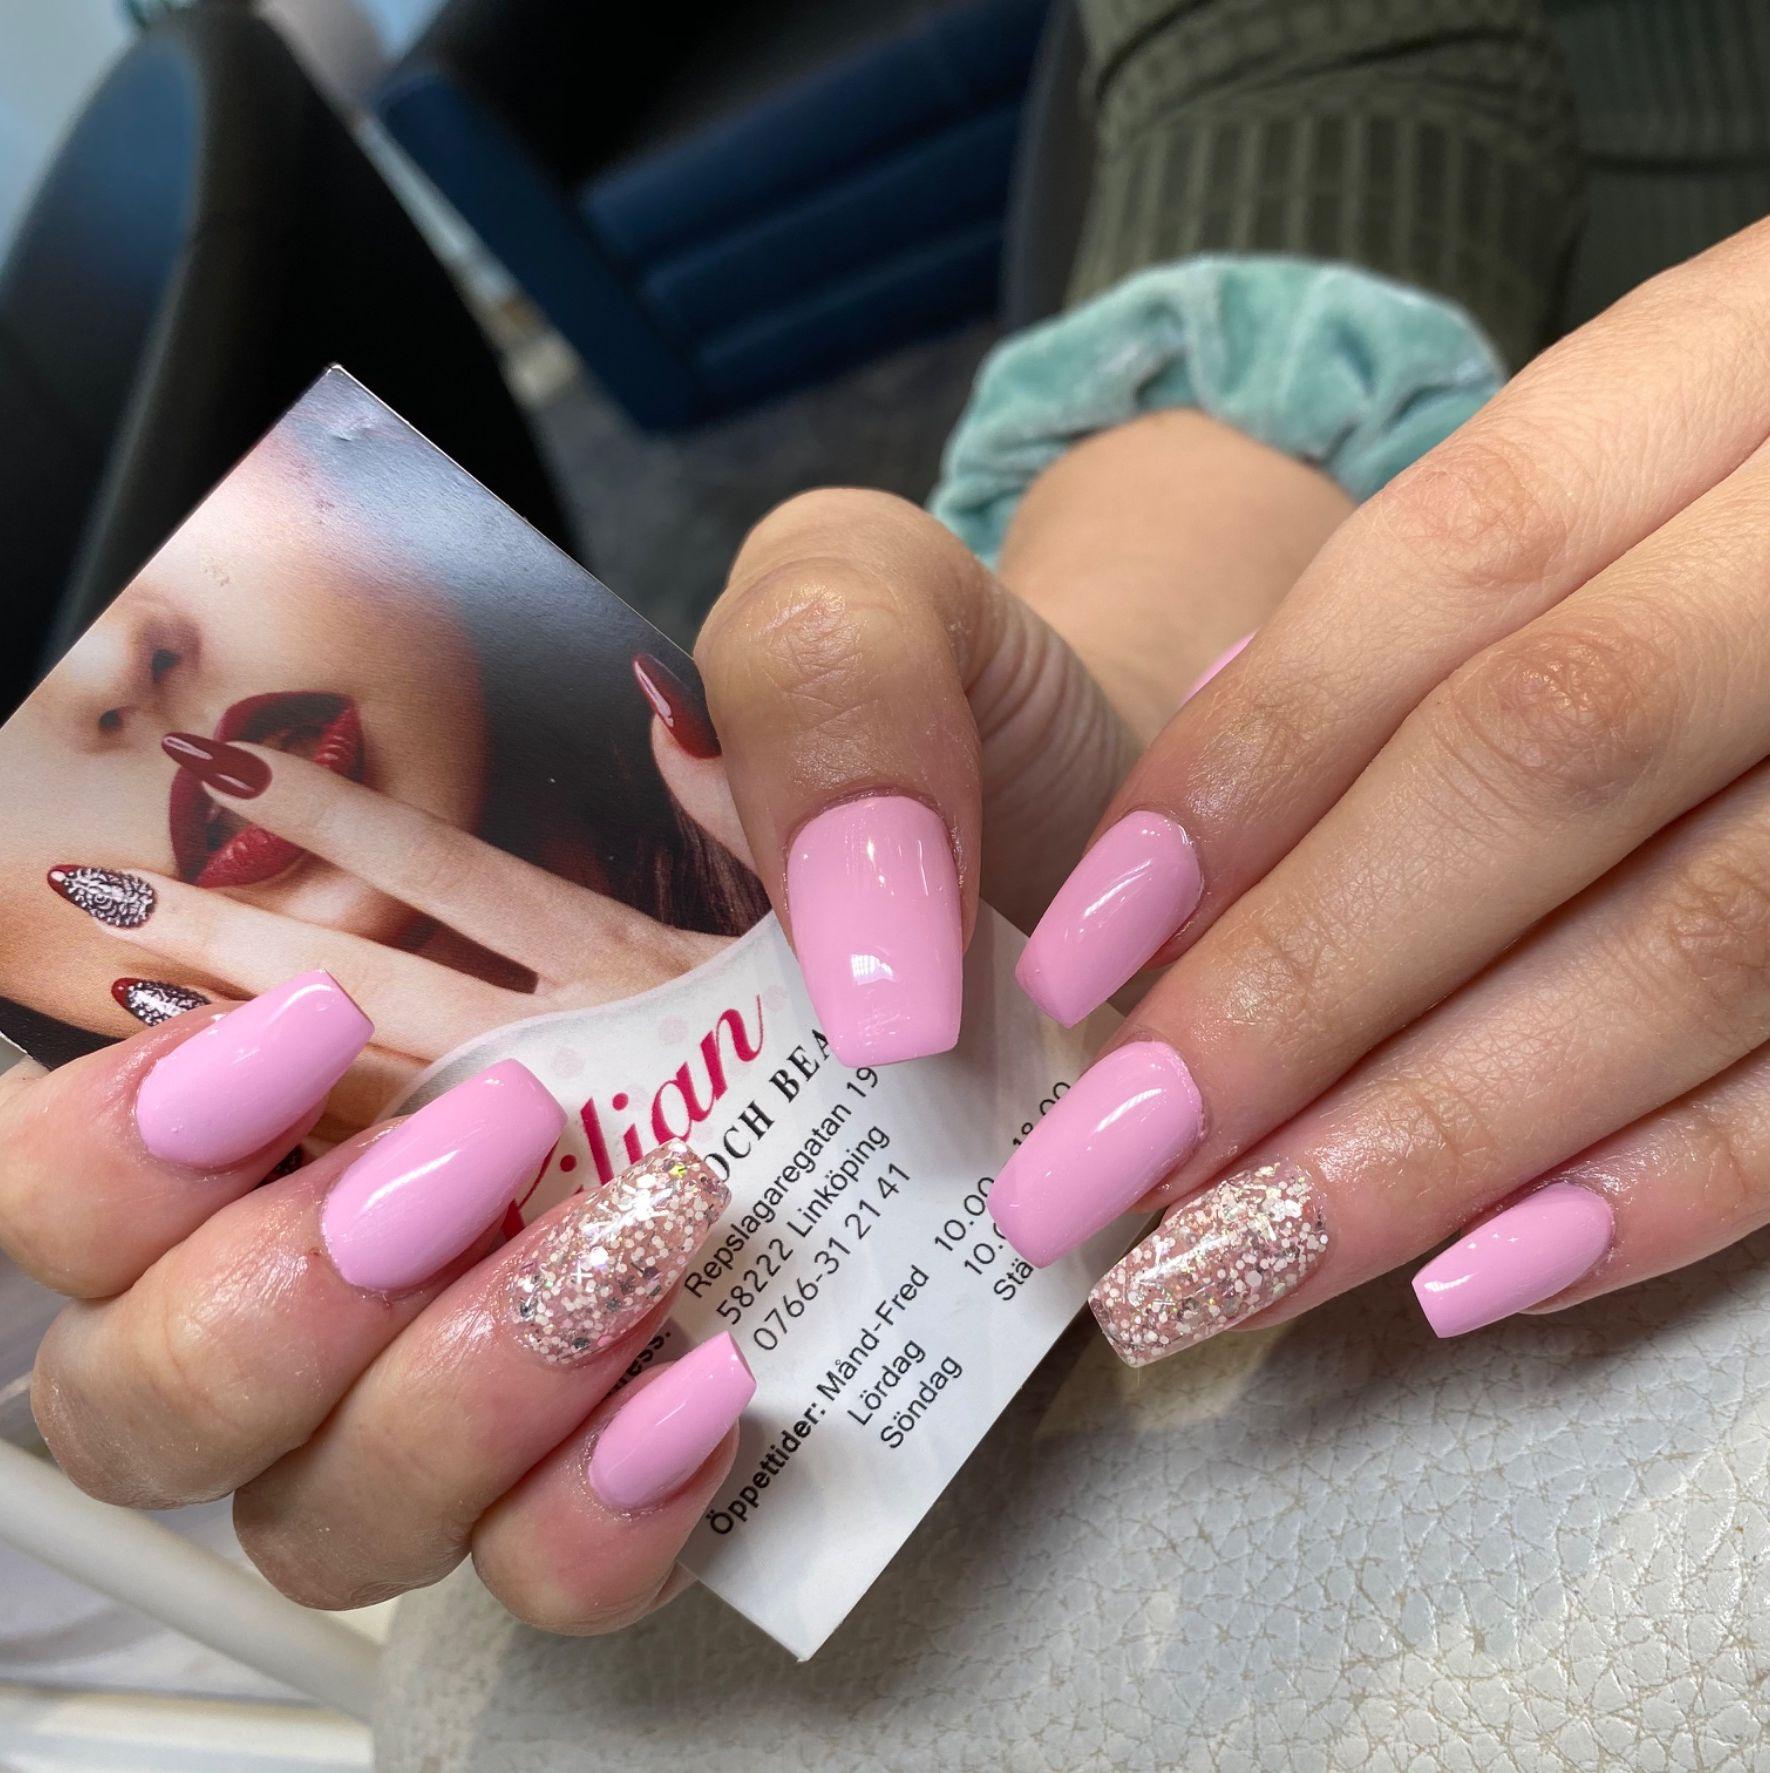 @marianagy94 | Nails, Beauty